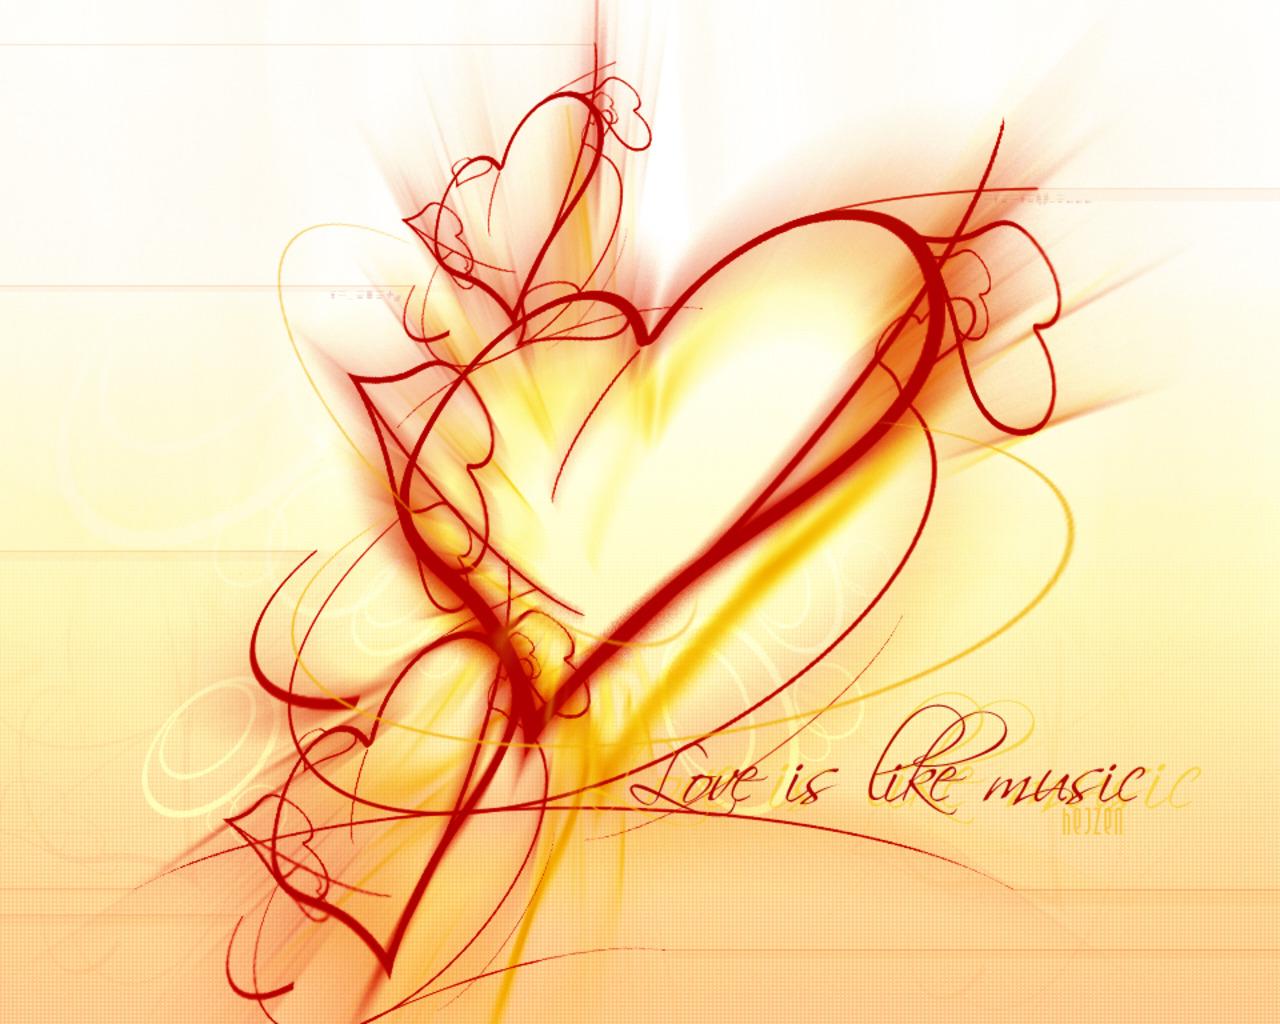 http://1.bp.blogspot.com/-RXGOyqmneOU/Tq6cvnygheI/AAAAAAAAA9k/kohQGny23BM/s1600/latest-valentine-day-wallpaper.jpg